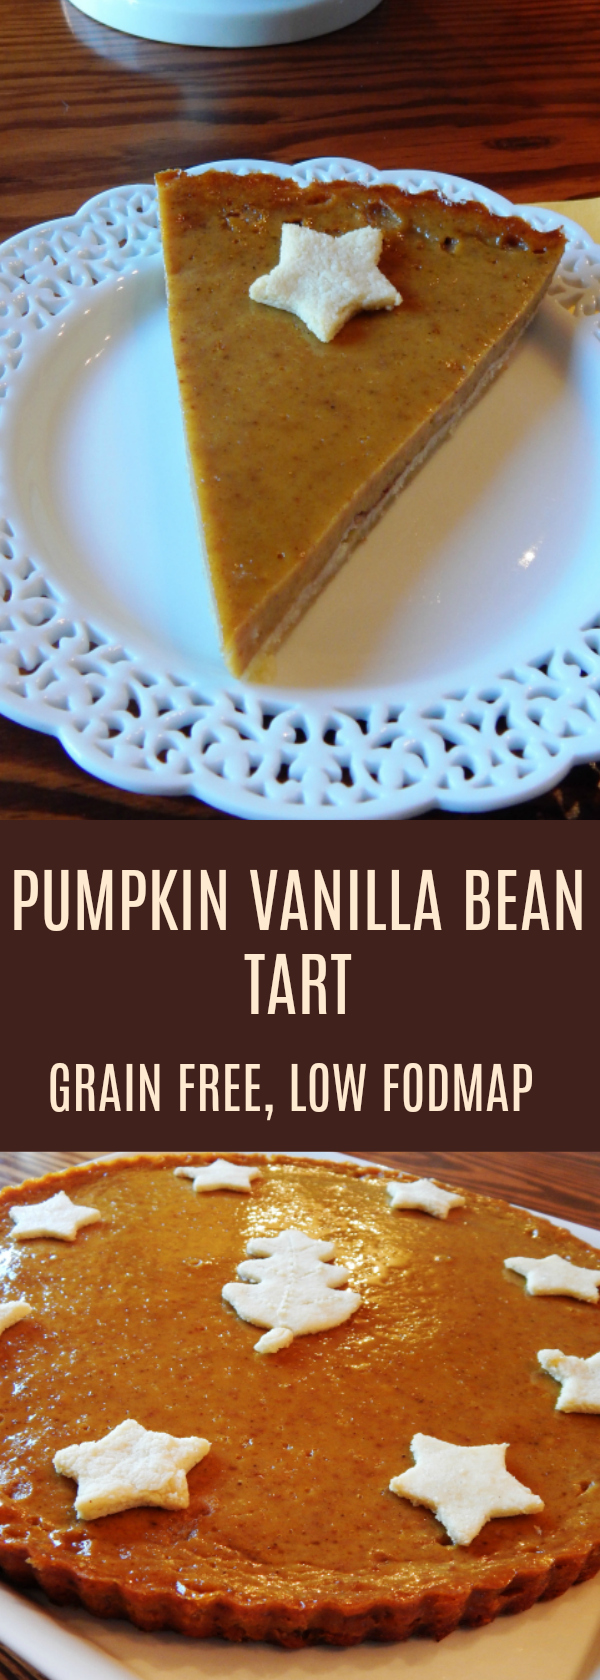 Pumpkin Tart